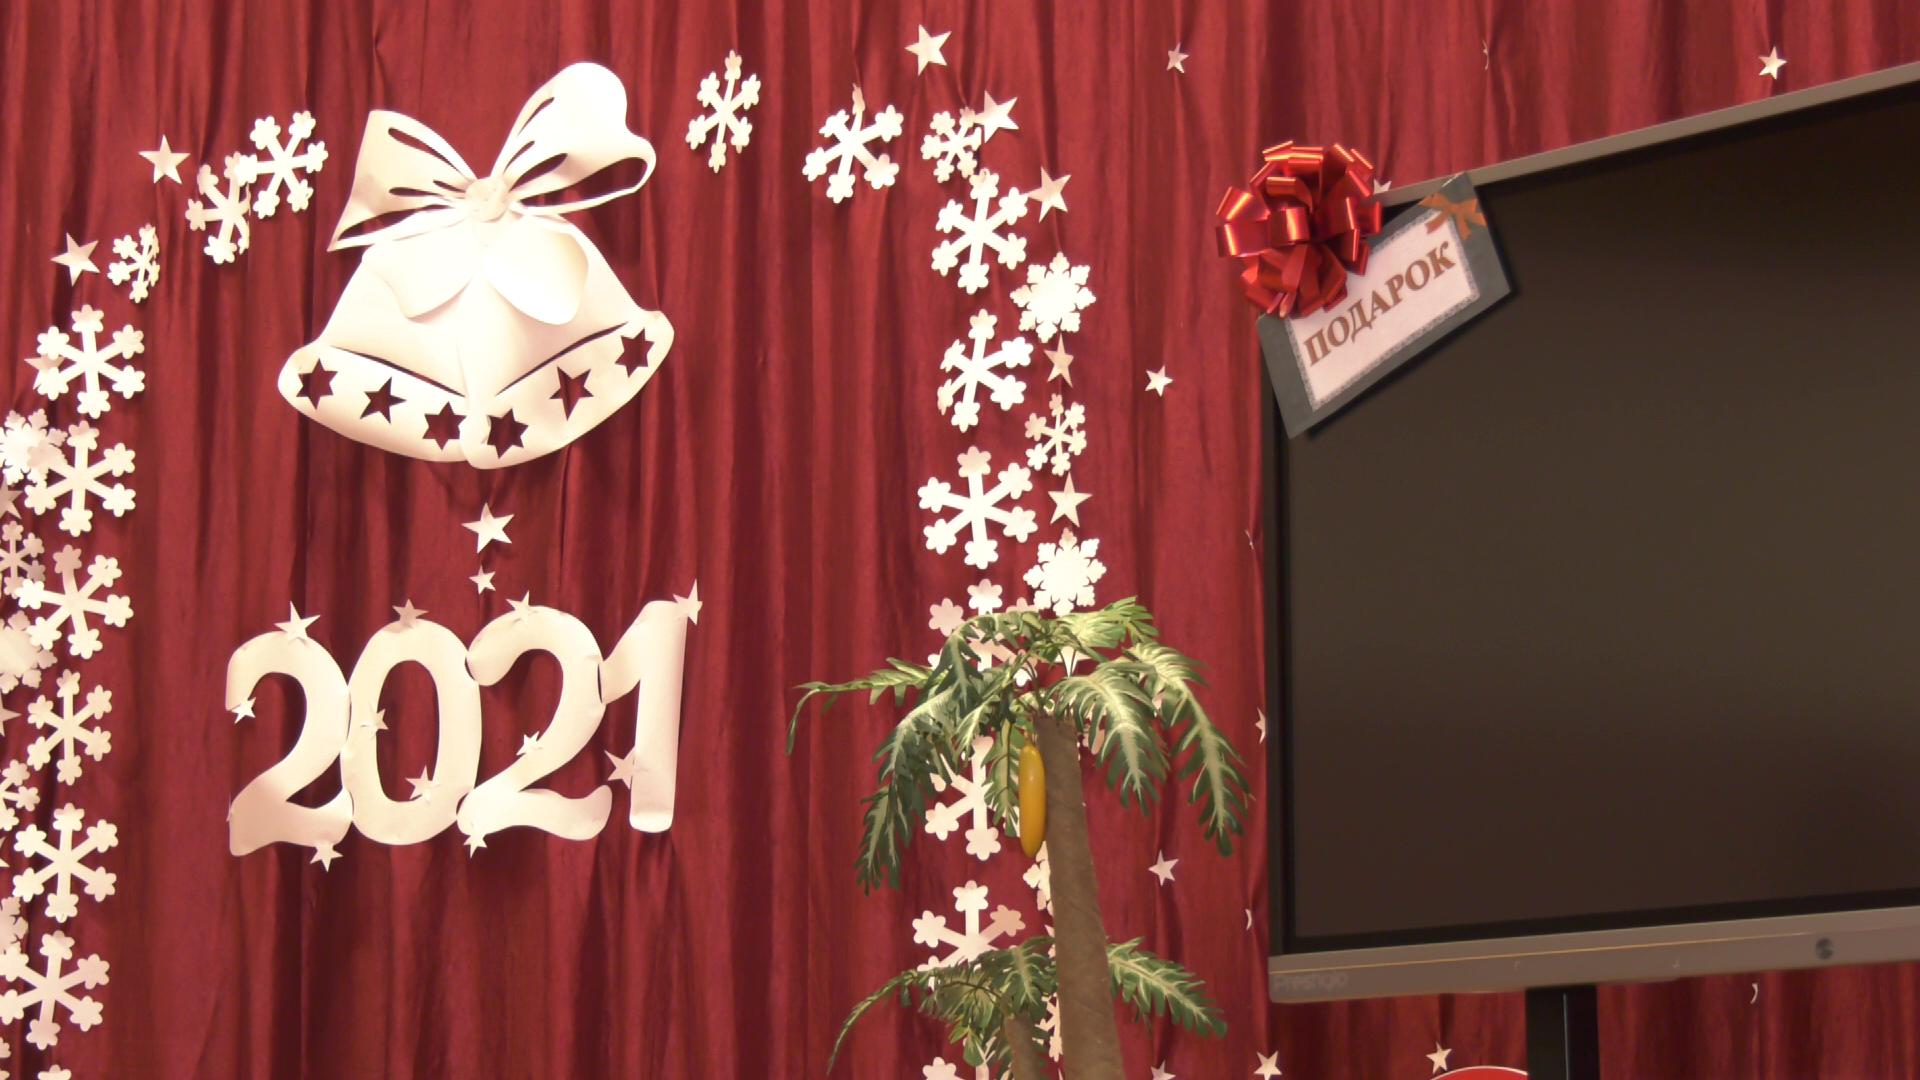 sherstnev - Шерстнёв поздравил с Новым годом детей из школы-интерната (видео)